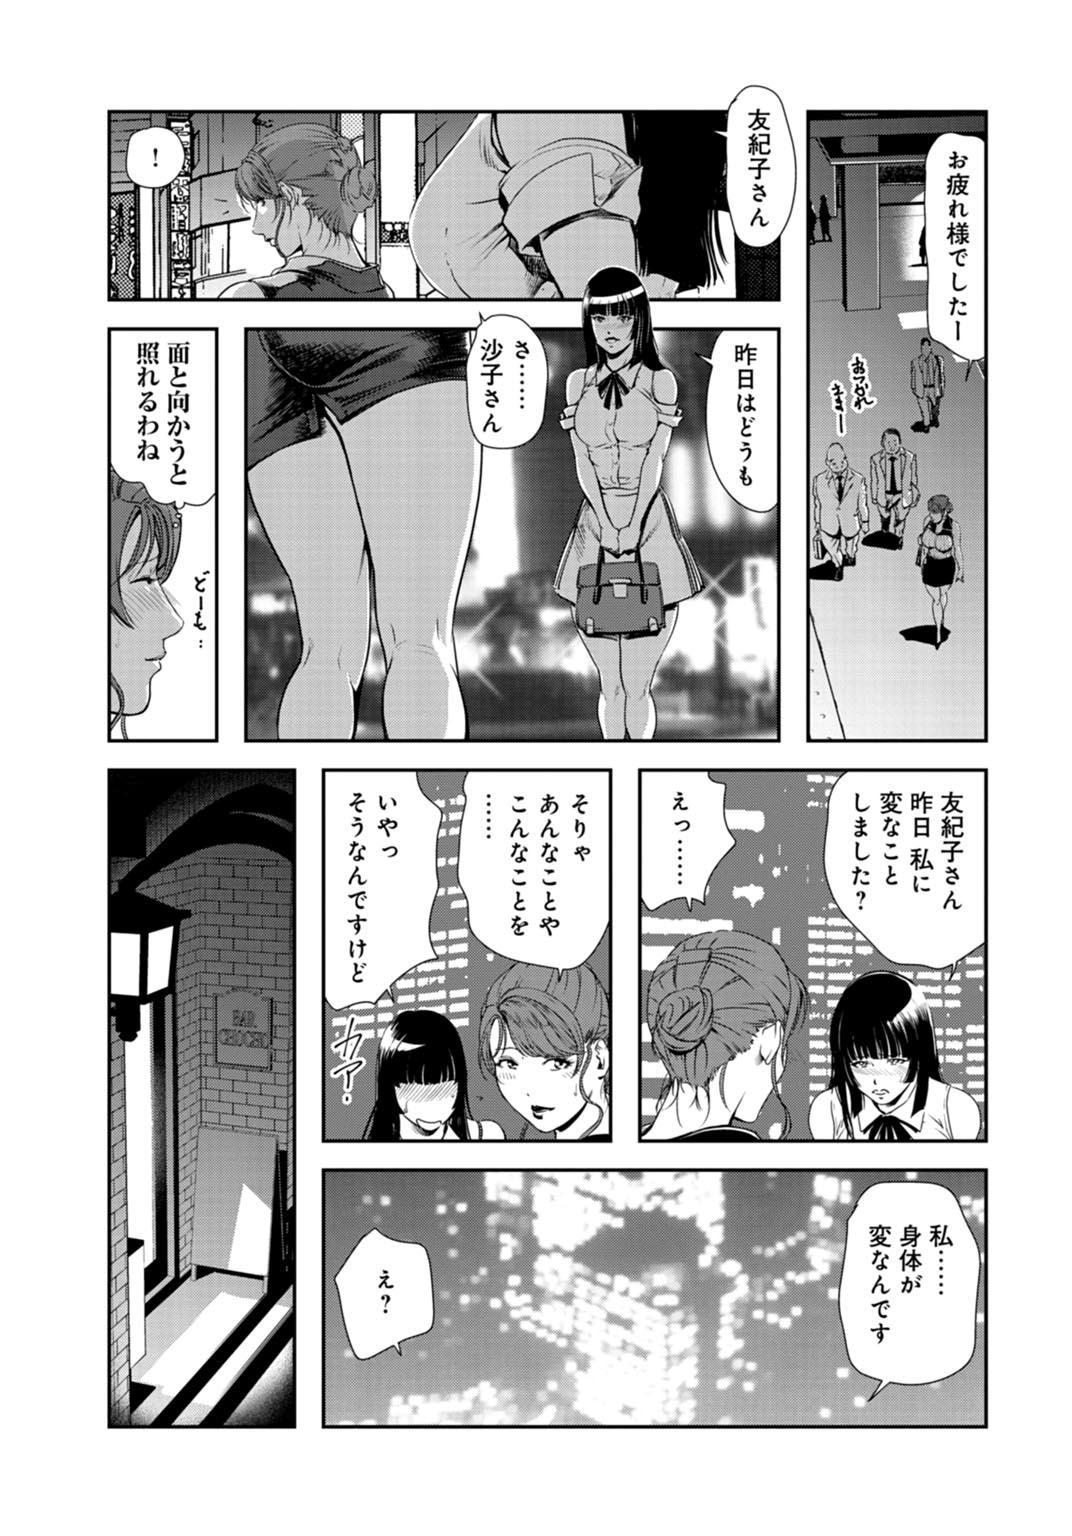 Nikuhisyo Yukiko 26 69